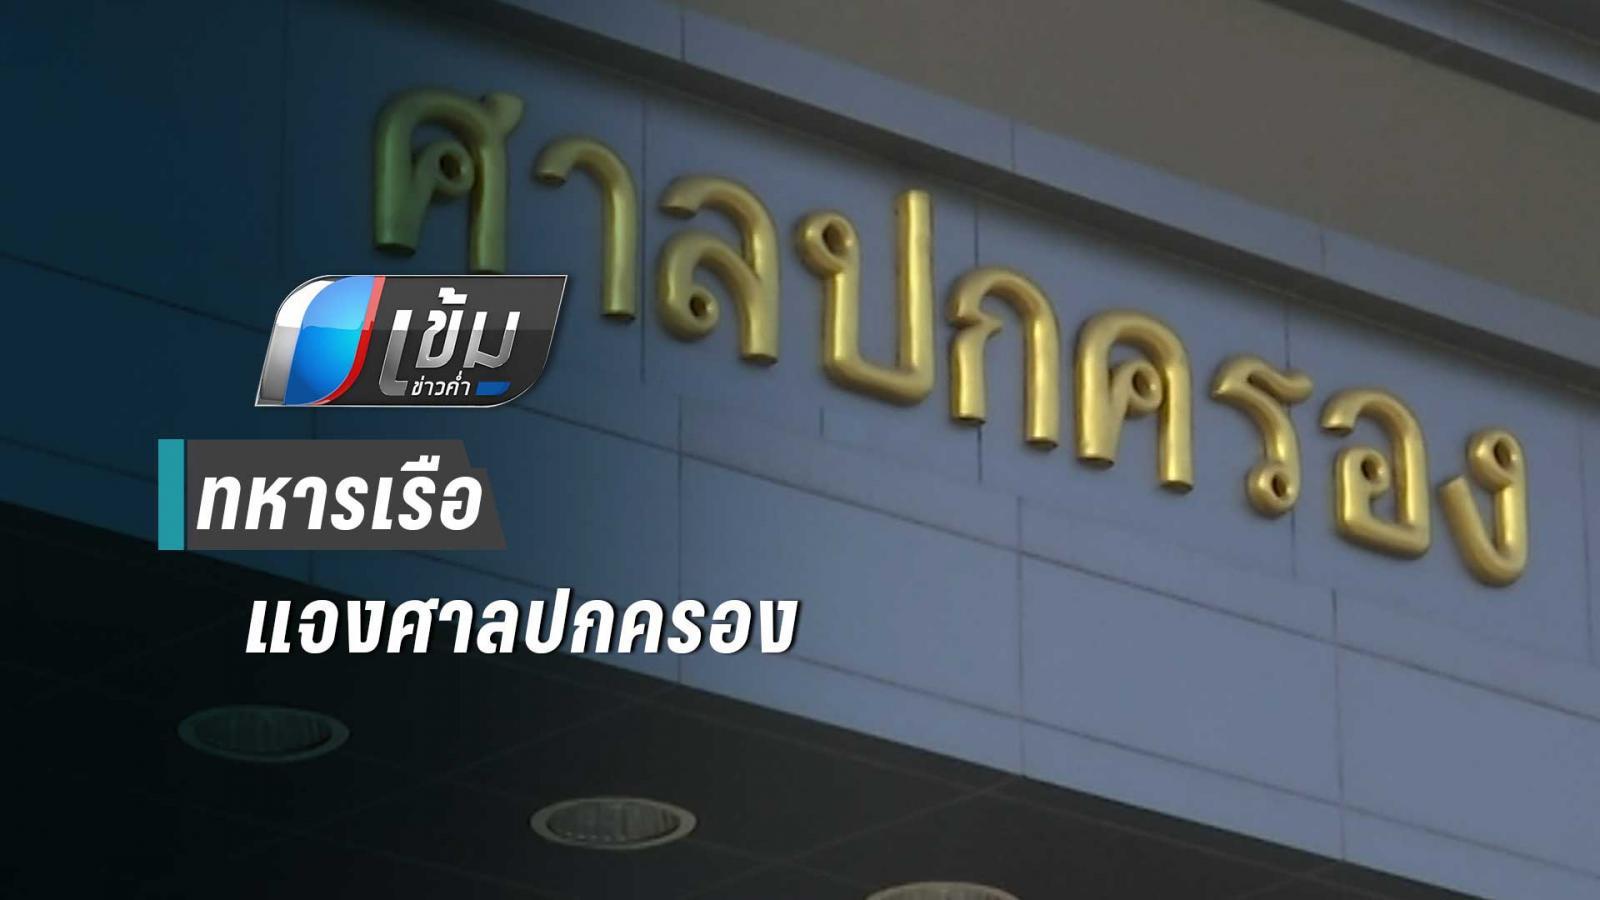 """ทร. แจงหากศาลคืนสิทธิทำระบบจัดซื้อจัดจ้างไทยผิดเพี้ยน เพราะ ซีพี ยื่นประมูล""""เมืองการบิน"""" ช้า 9 นาที"""